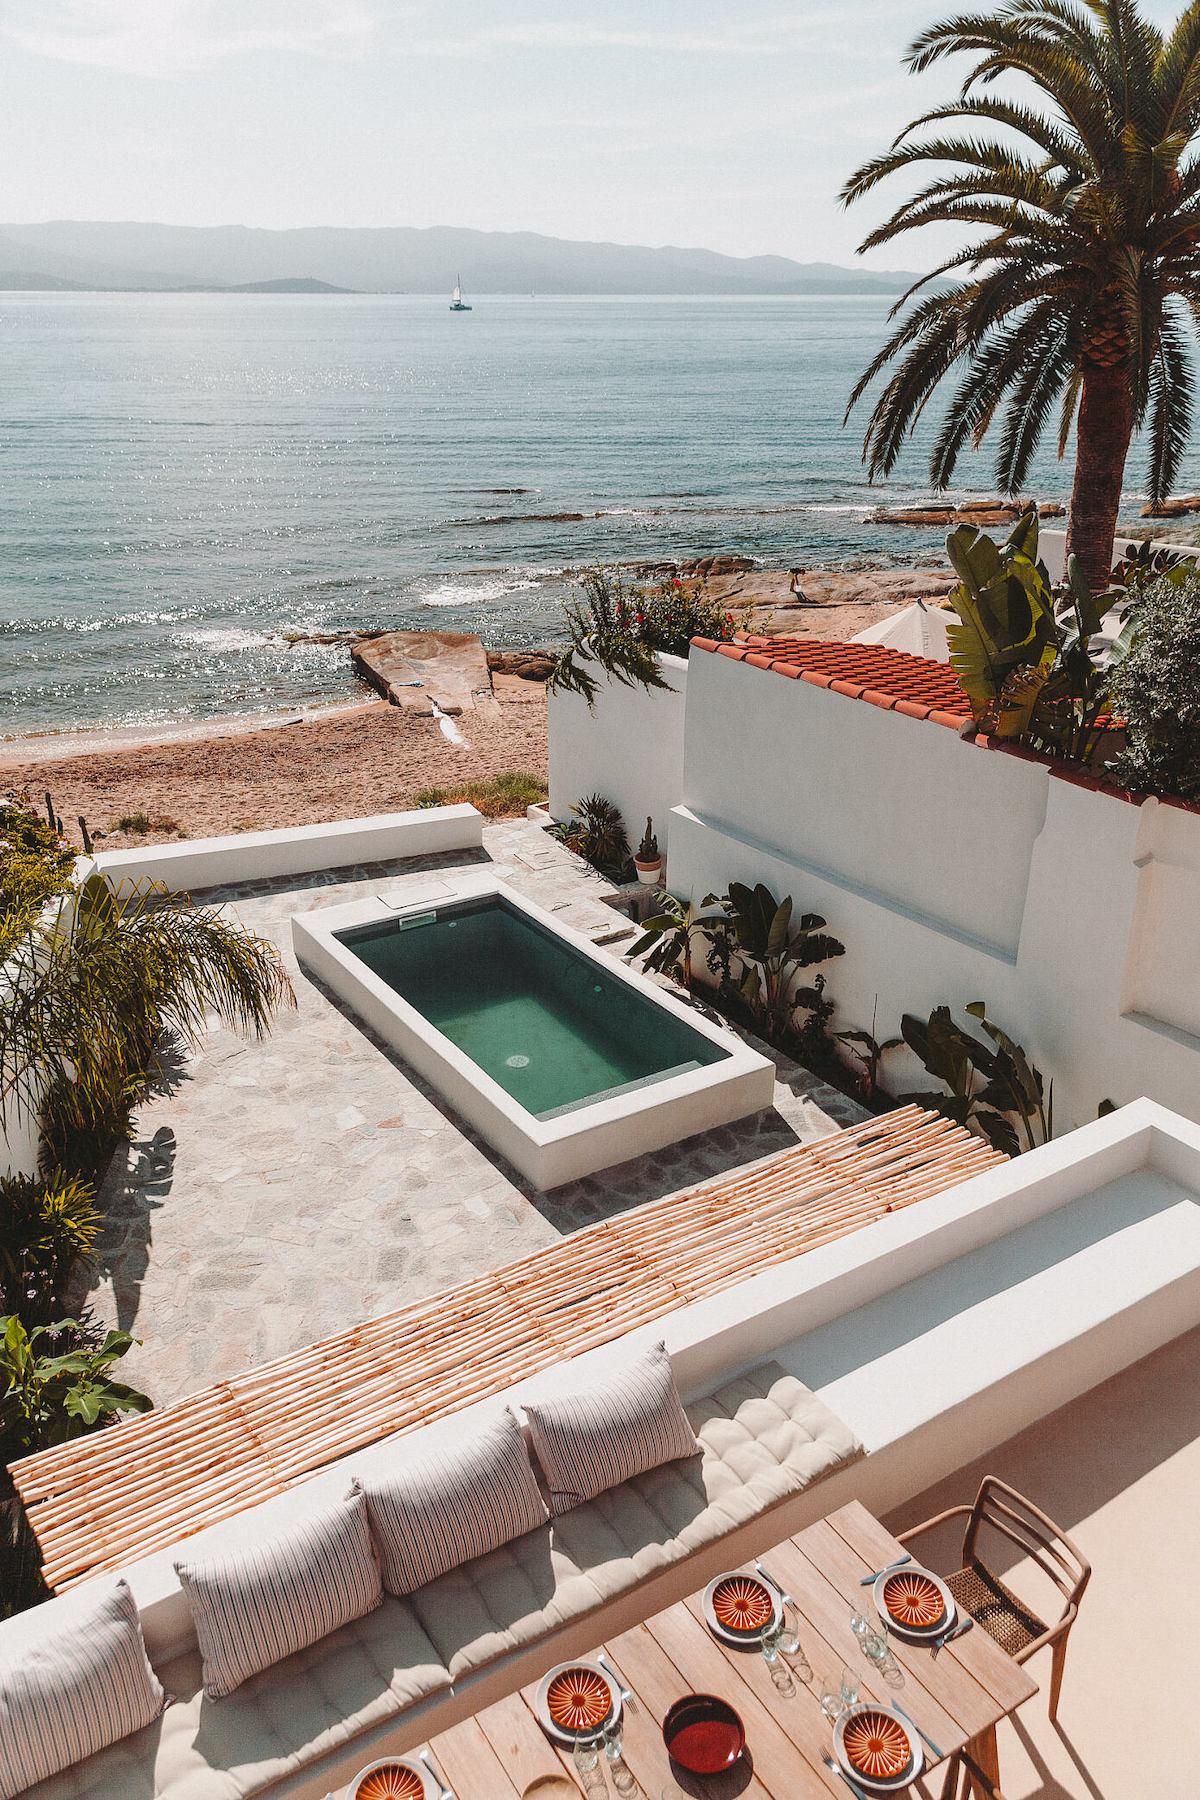 toit terrasse maison vacances Ajaccio Corse piscine face mer villa - blog décoration